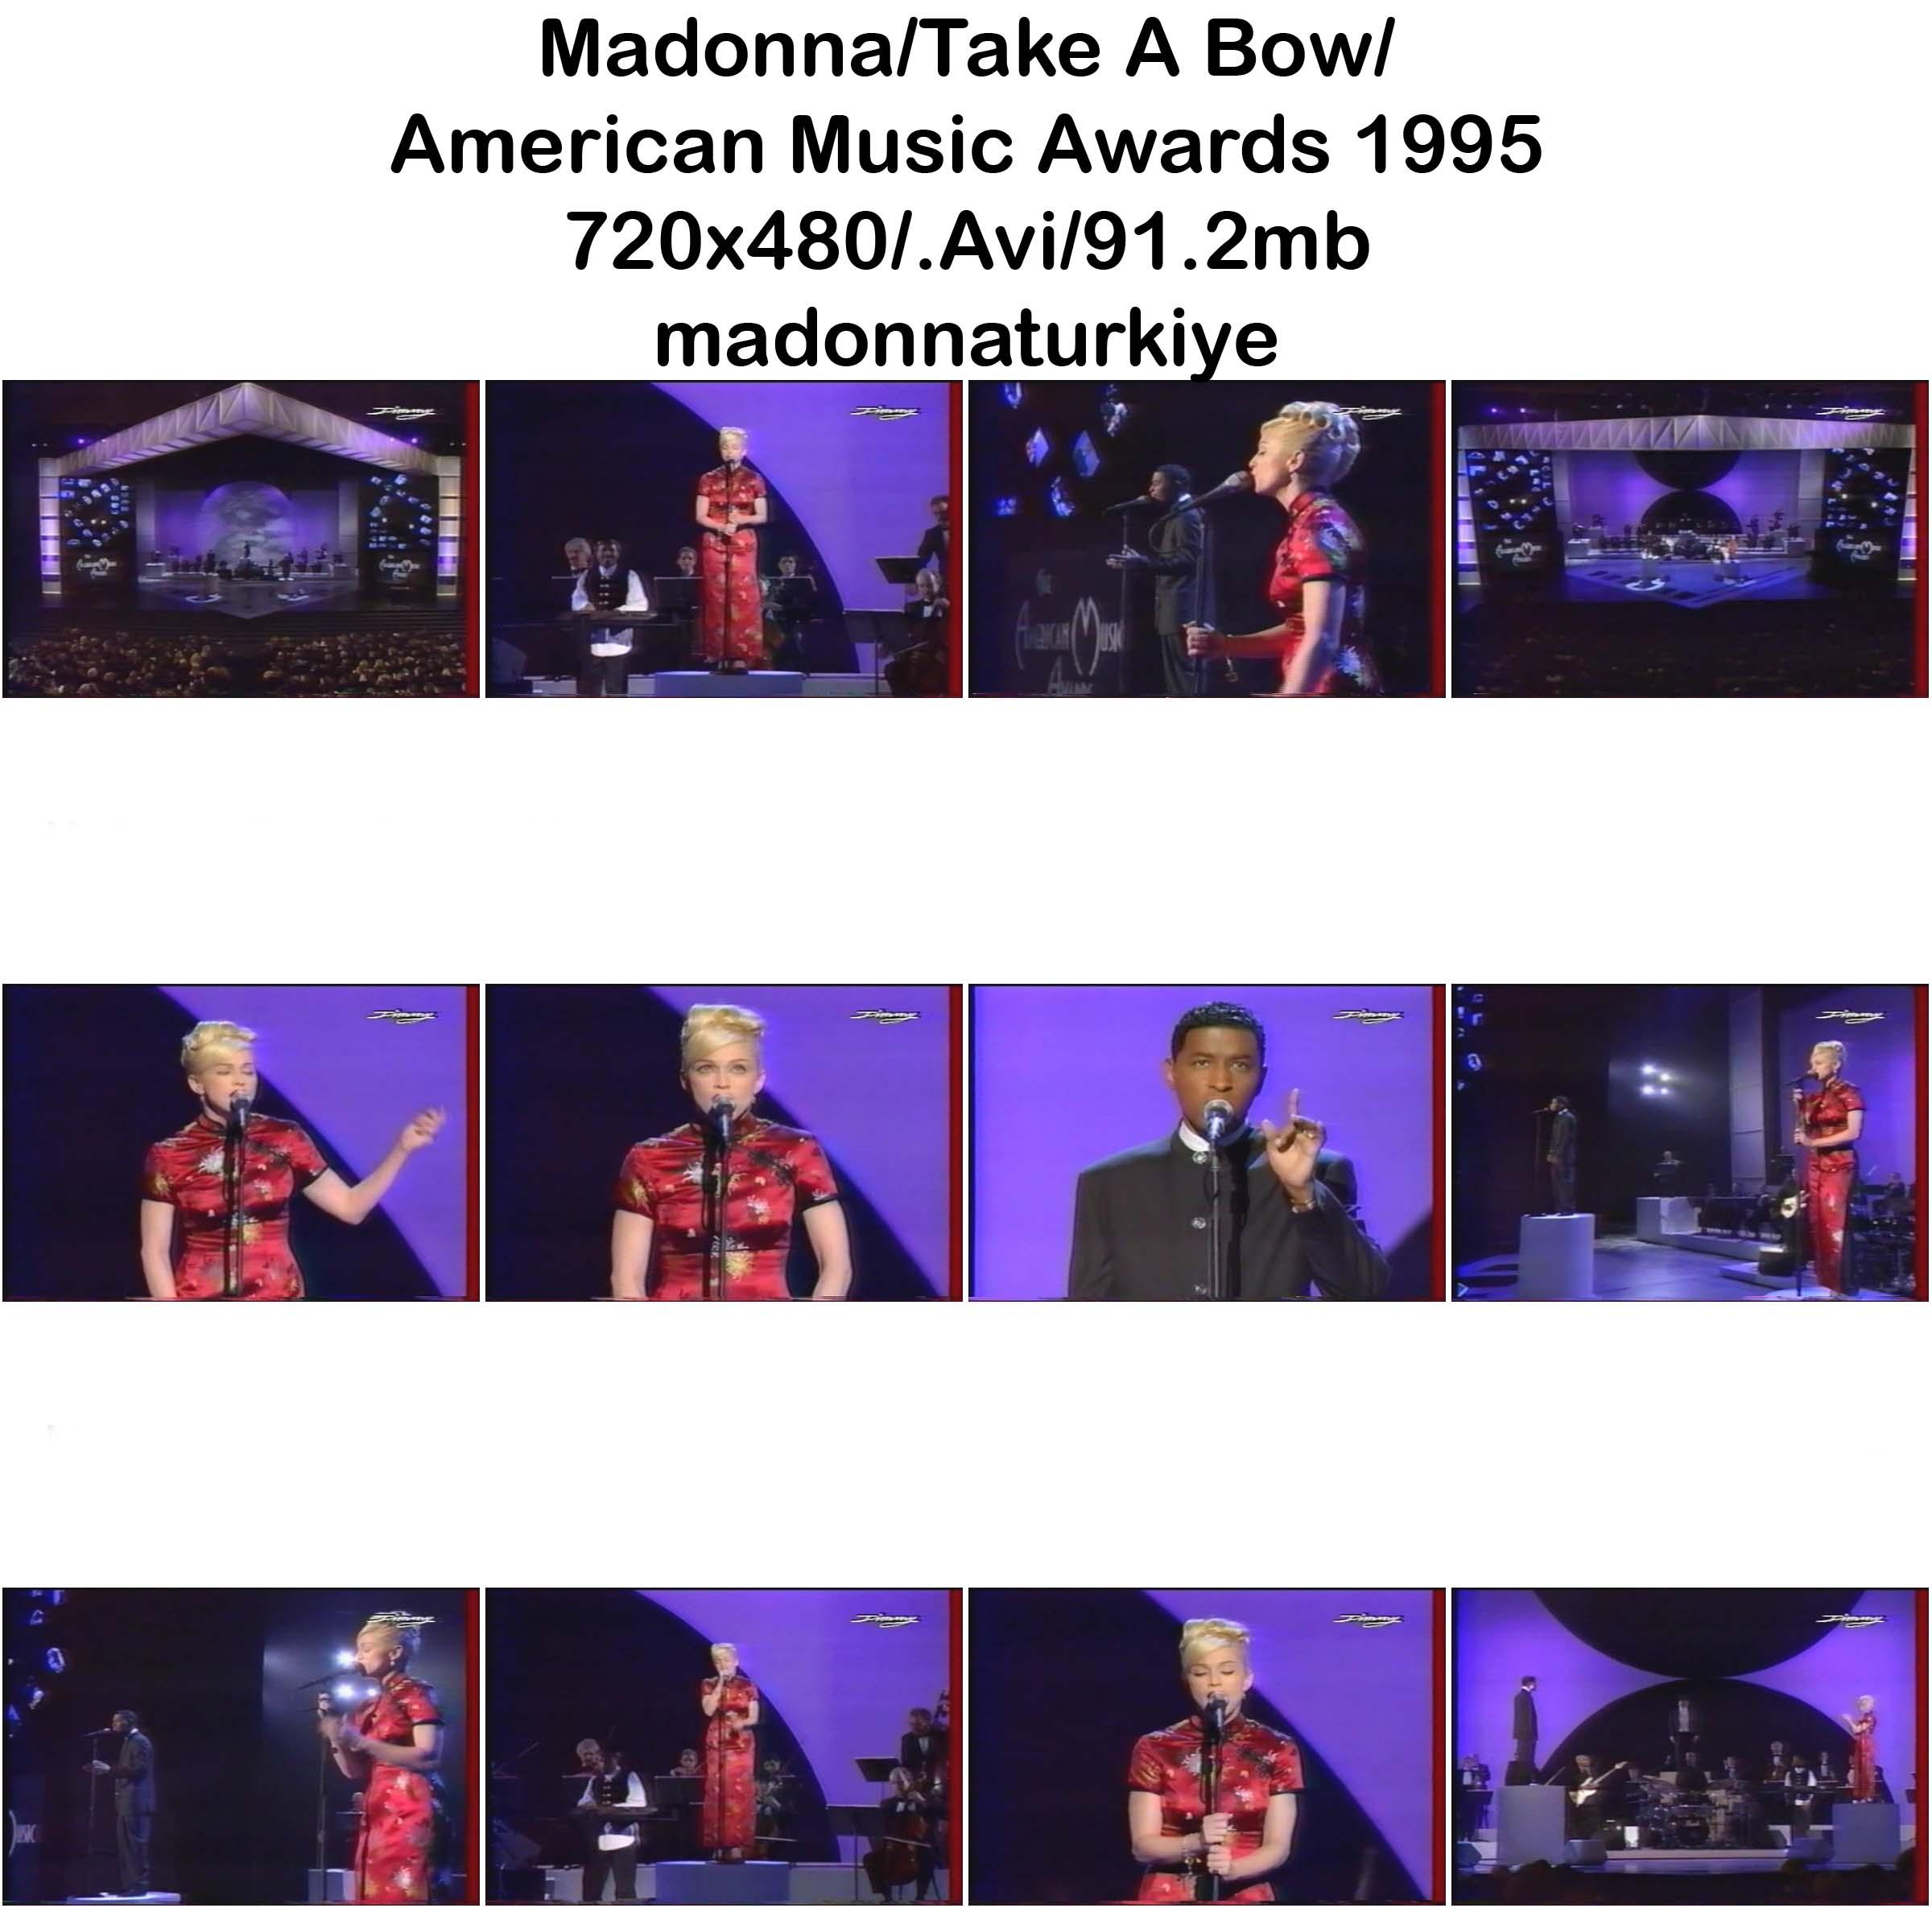 Madonna - Take A Bow - The Remixes